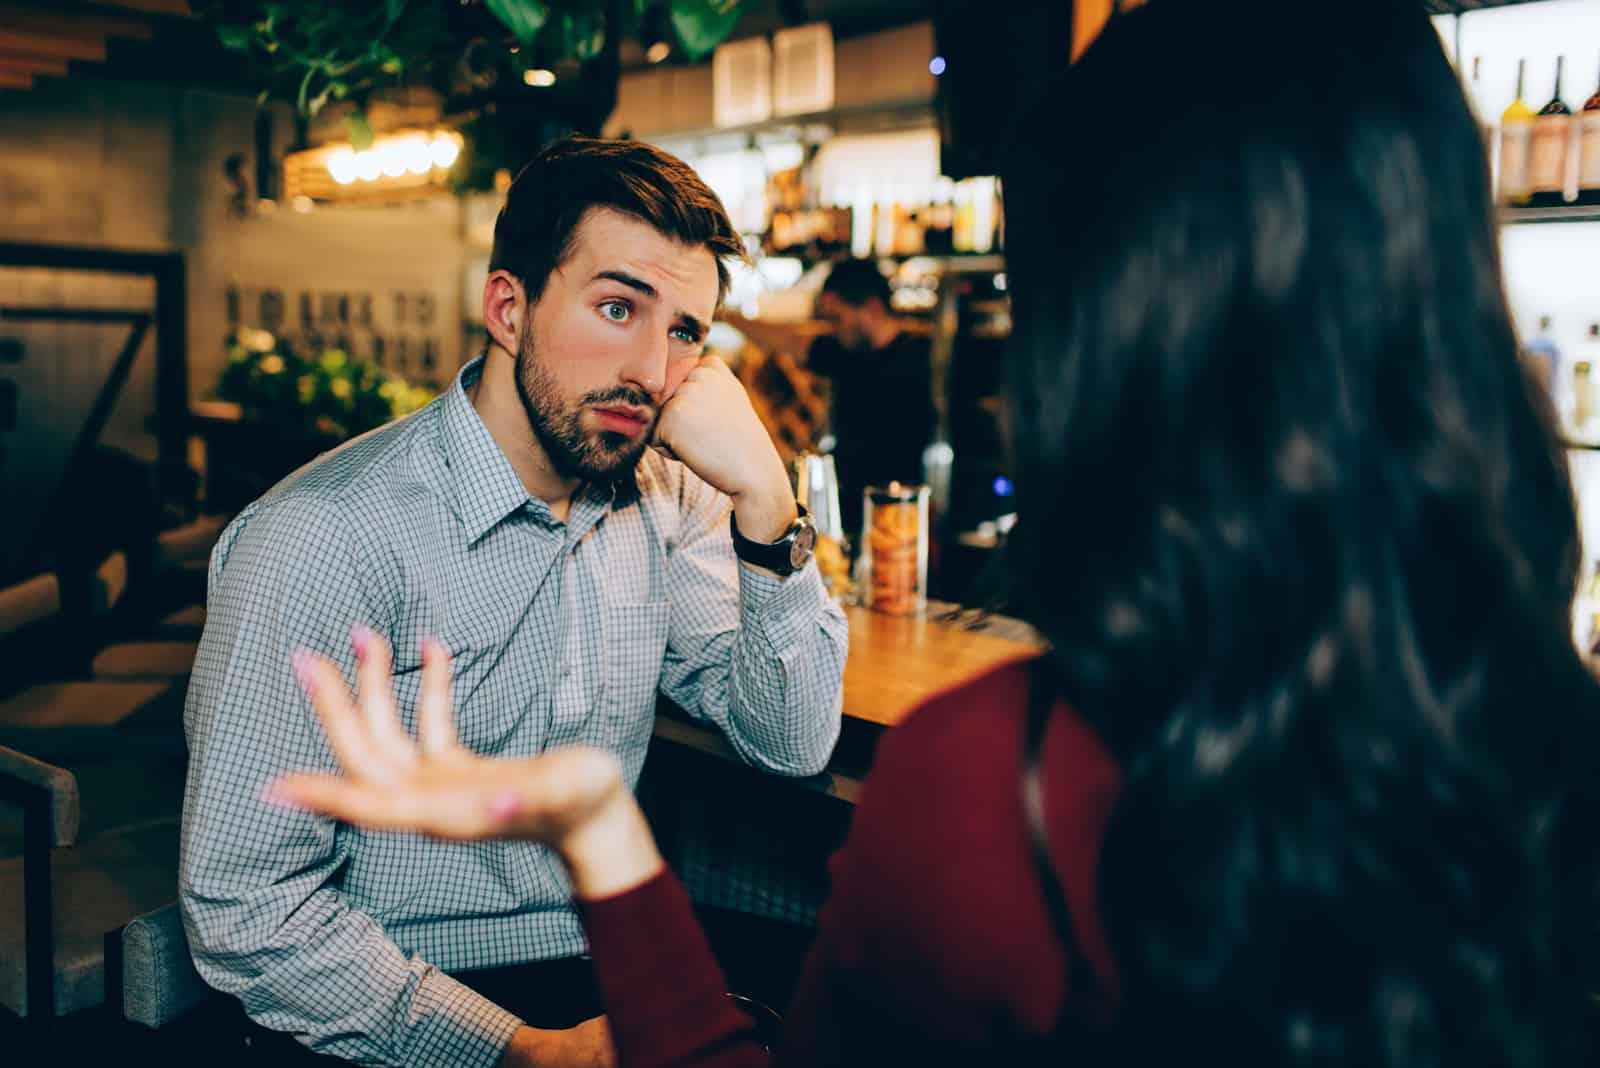 la femme se dispute avec l'homme alors qu'il la regarde confuse